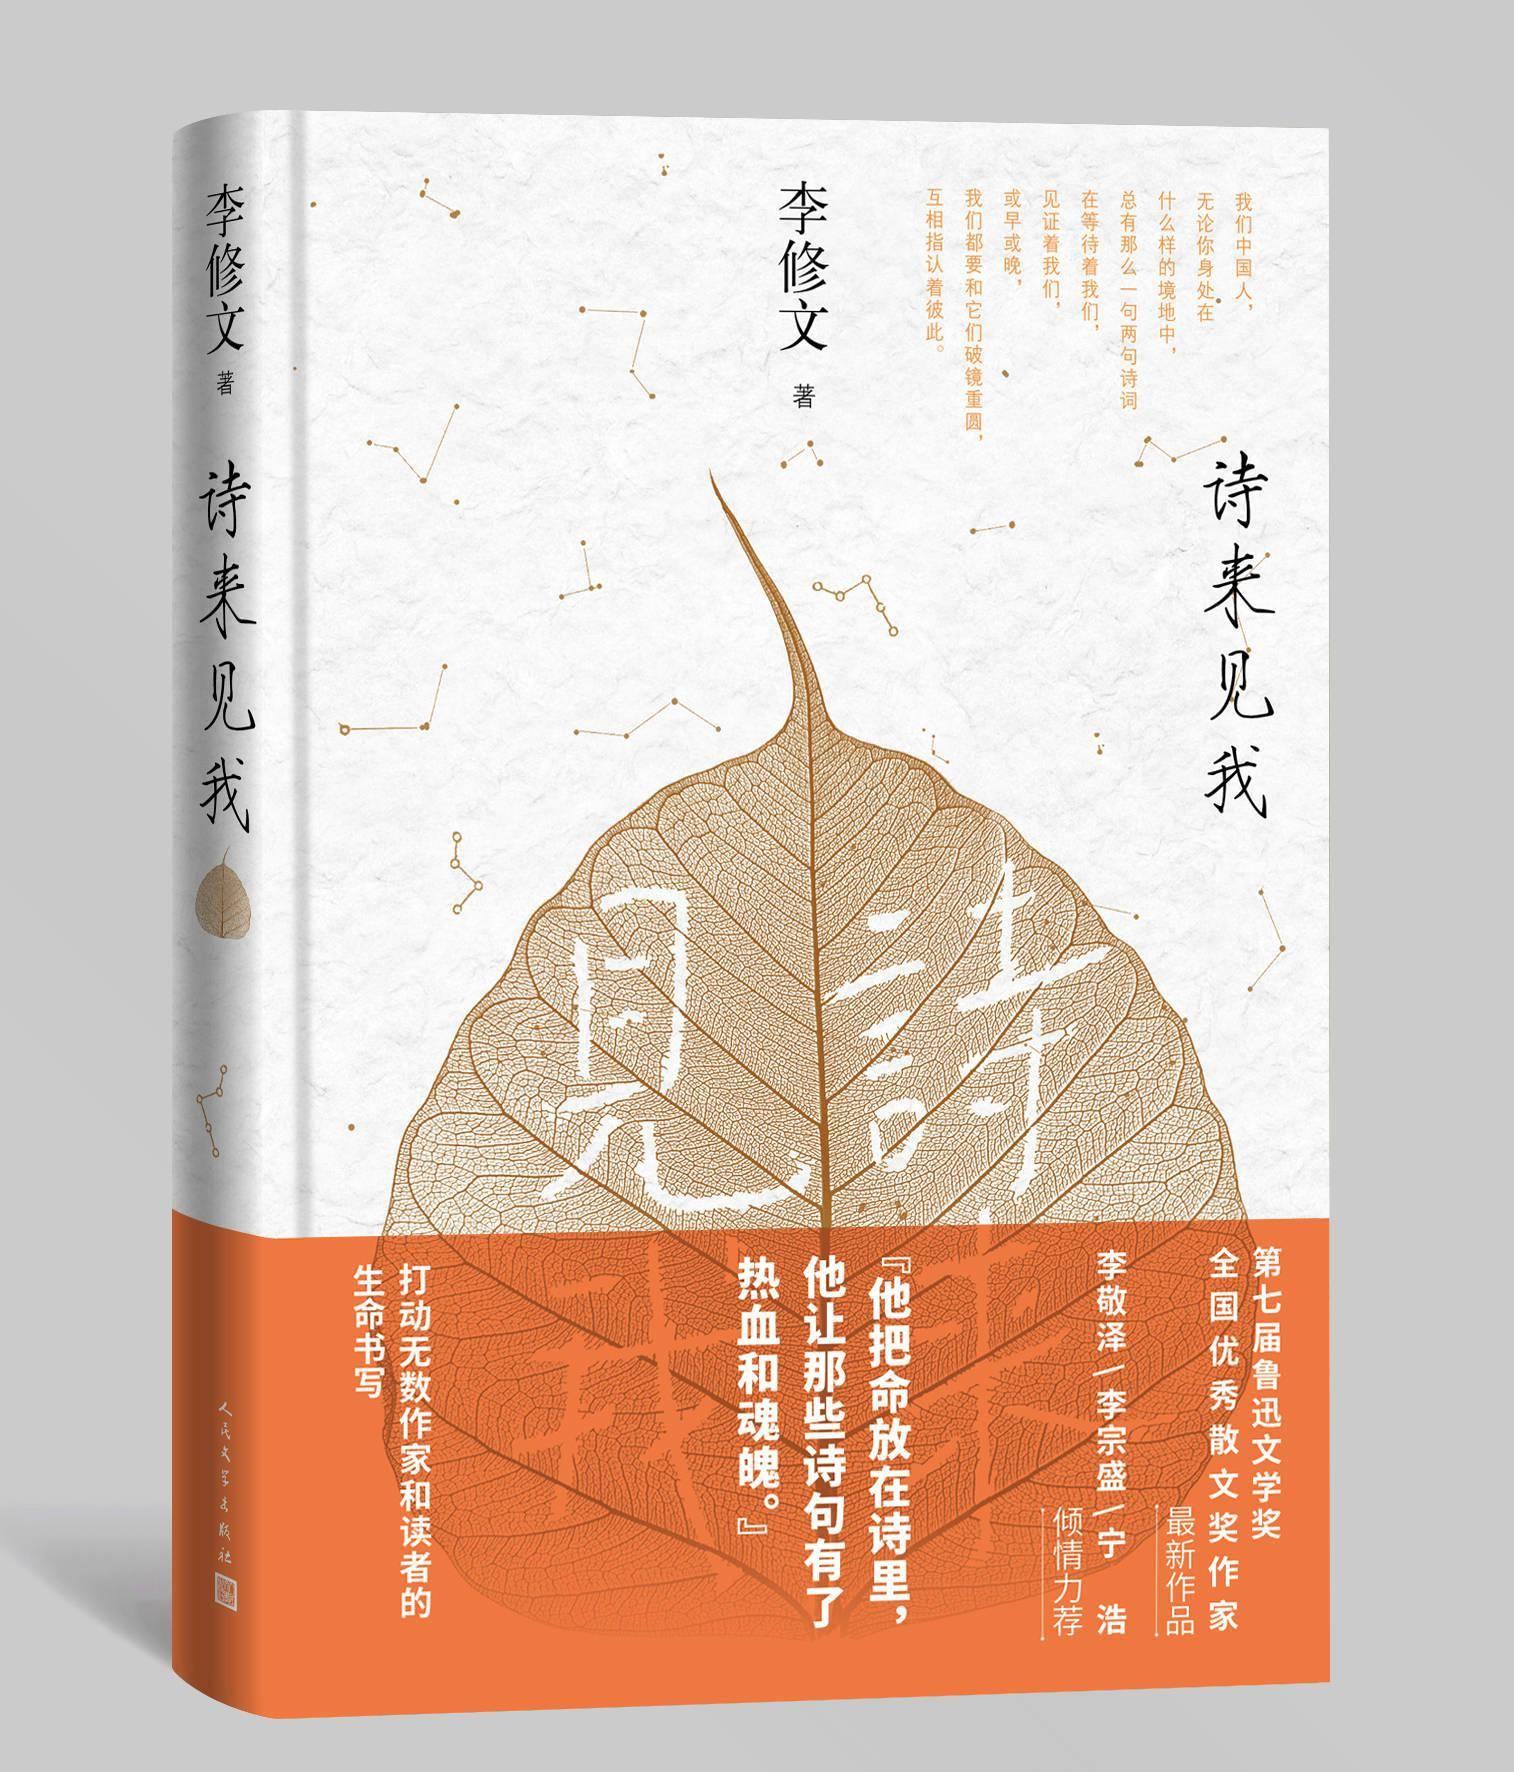 《诗来见我》:中国古典诗词的别样解读